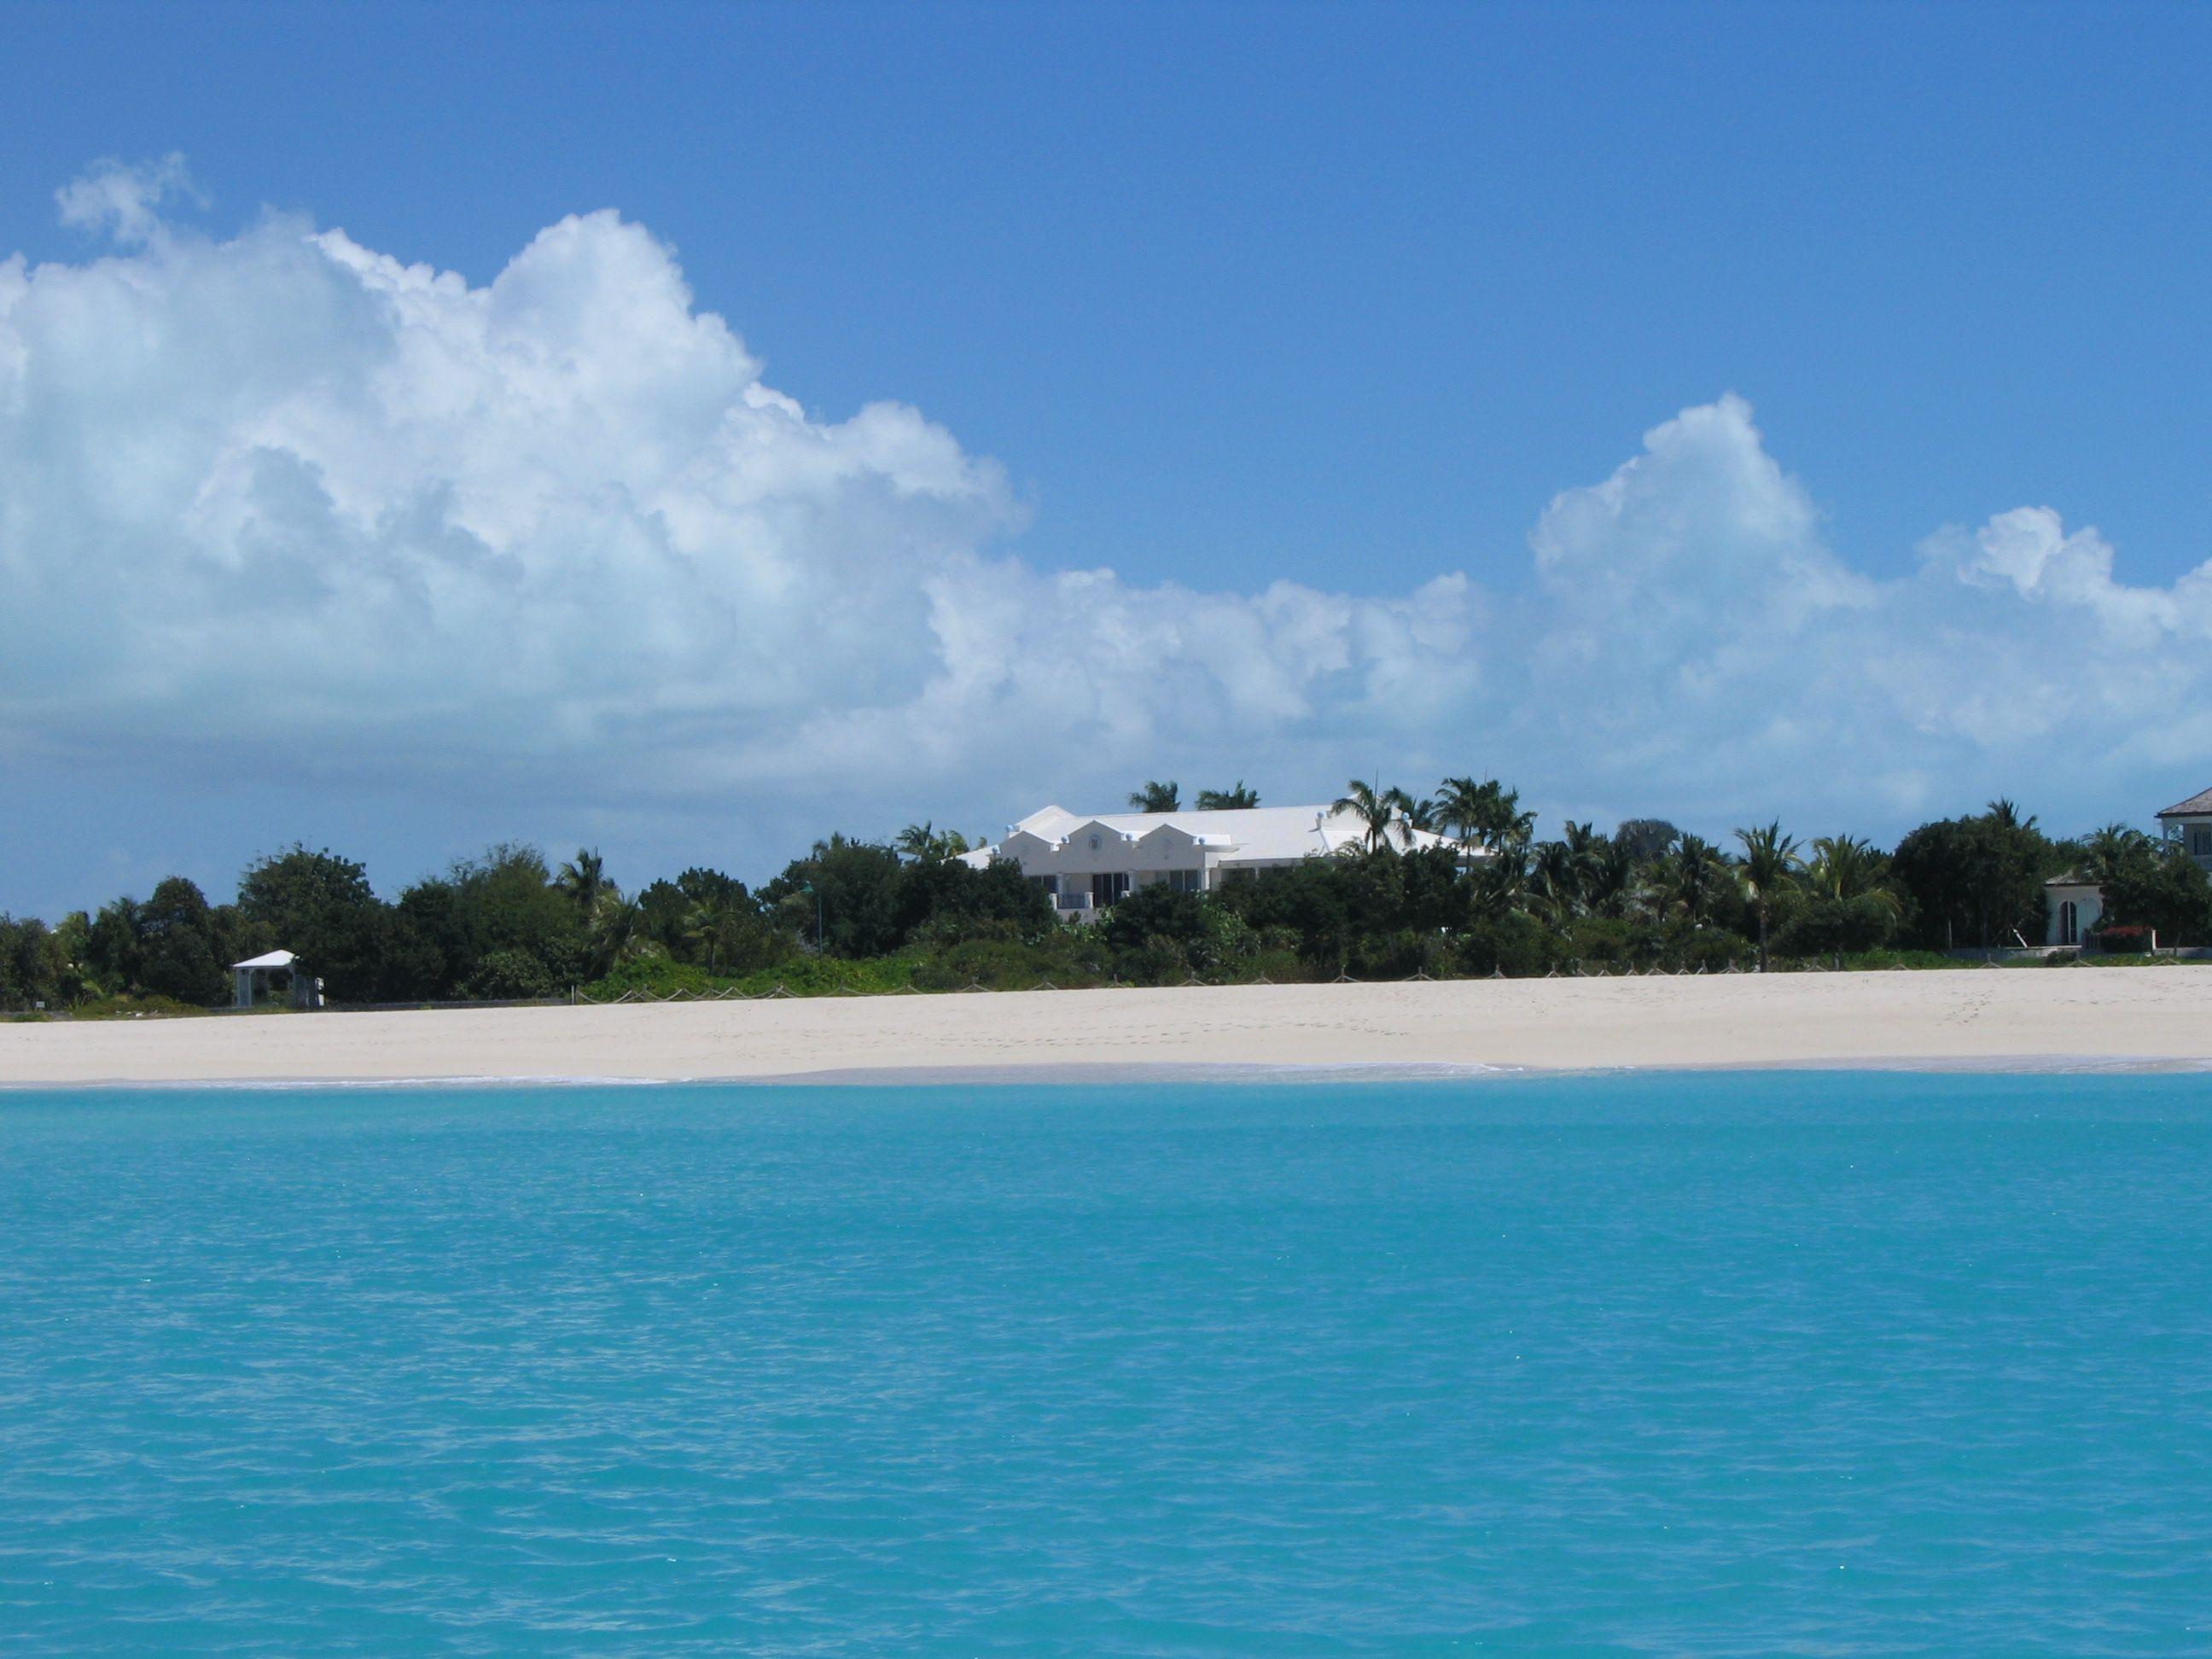 16+ Laguna beach animal hospital ideas in 2021